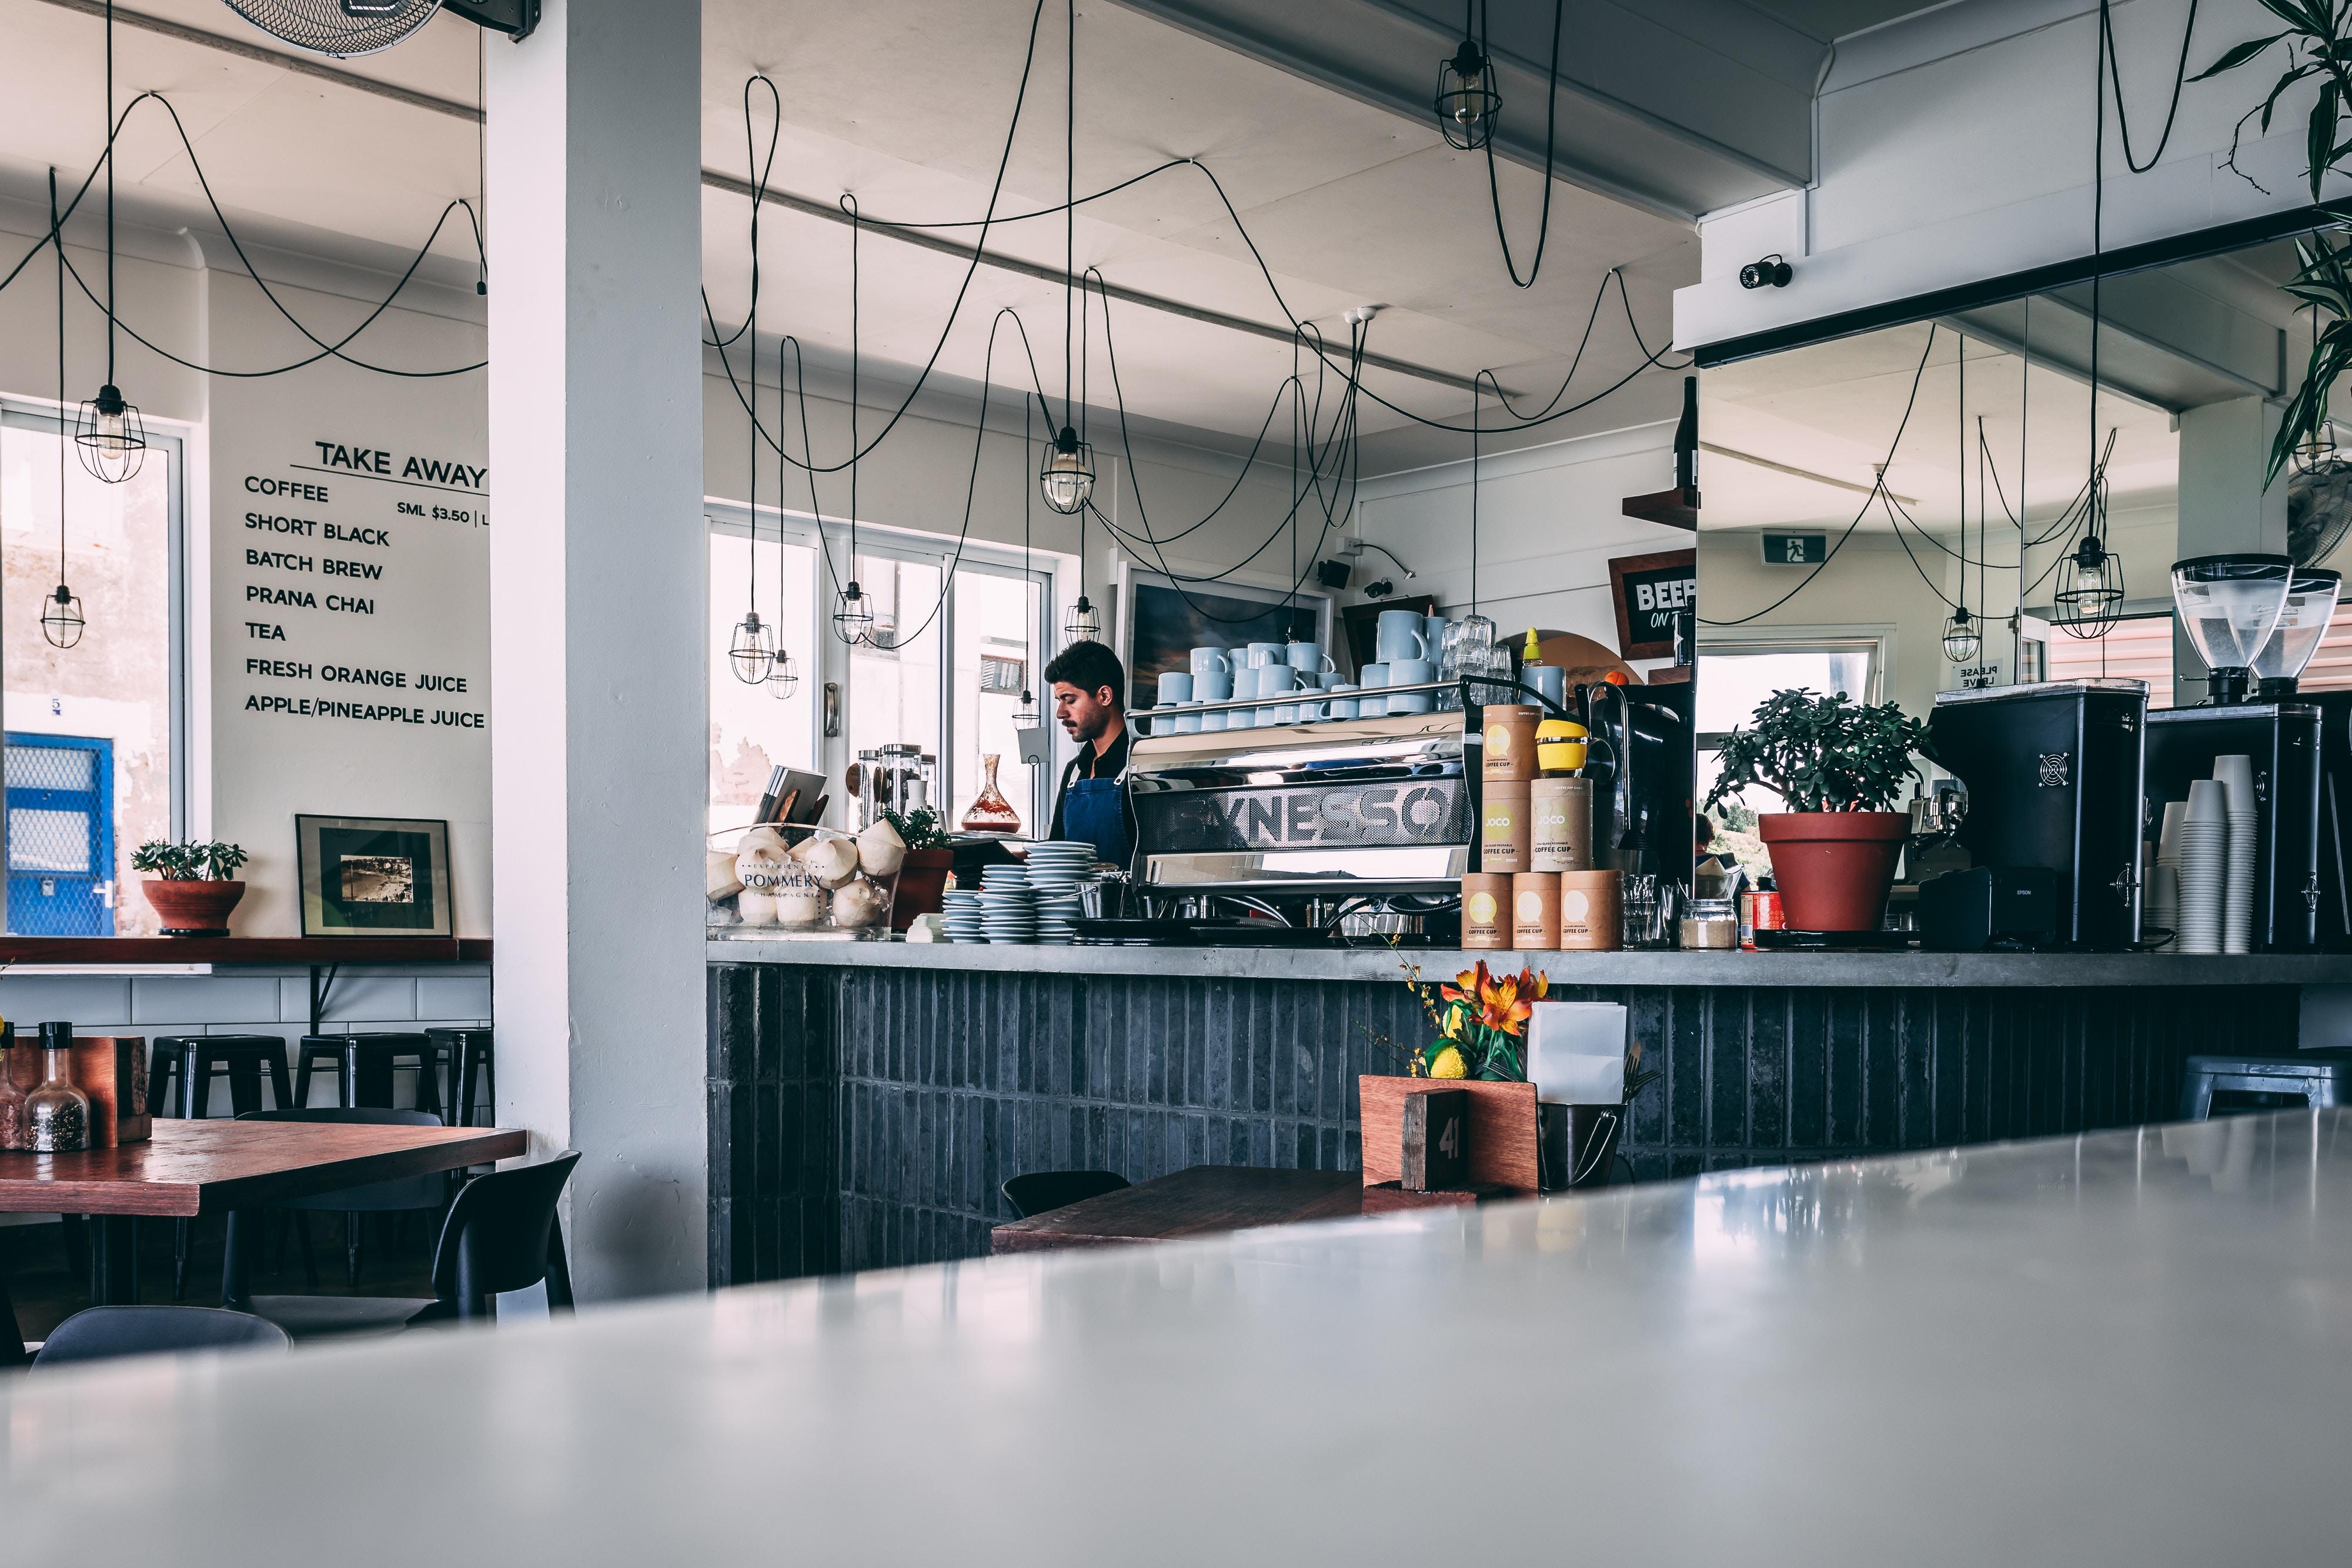 Consejos de marketing para pequeños negocios I